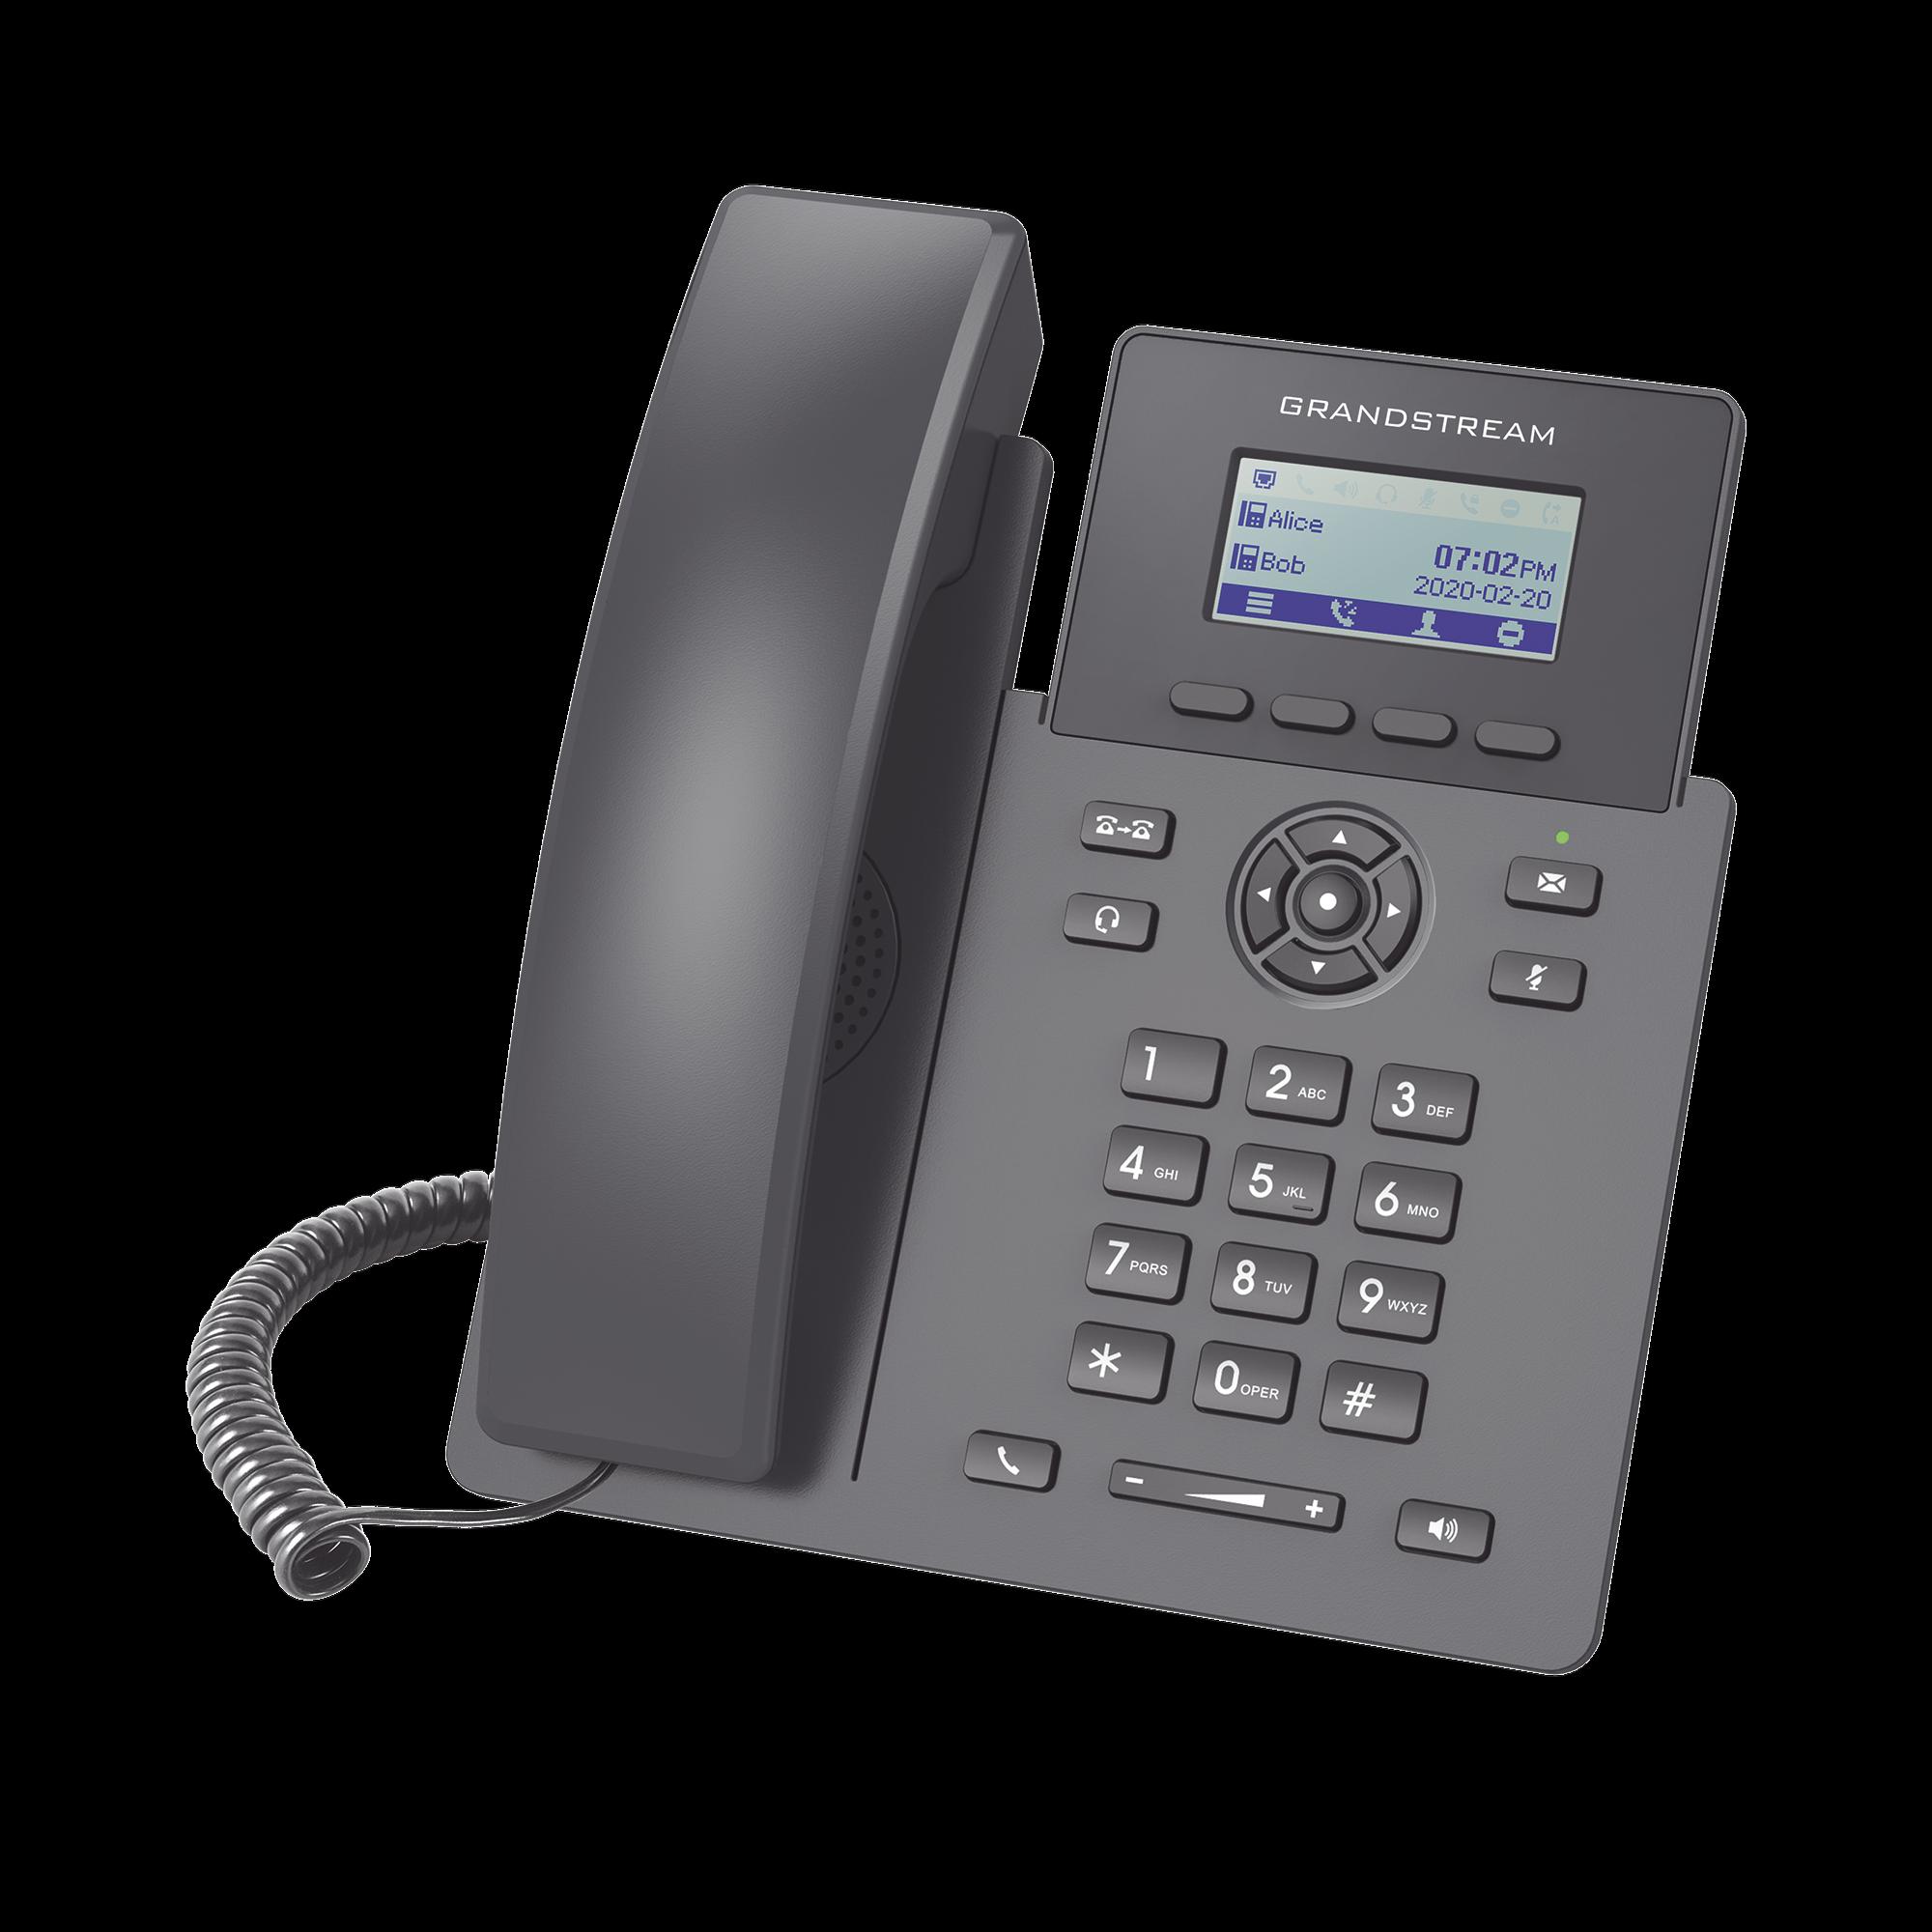 Teléfono IP Grado Operador, 2 lineas SIP con 2 cuentas, PoE, codec Opus, IPV4/IPV6 con gestion en la nube GDMS